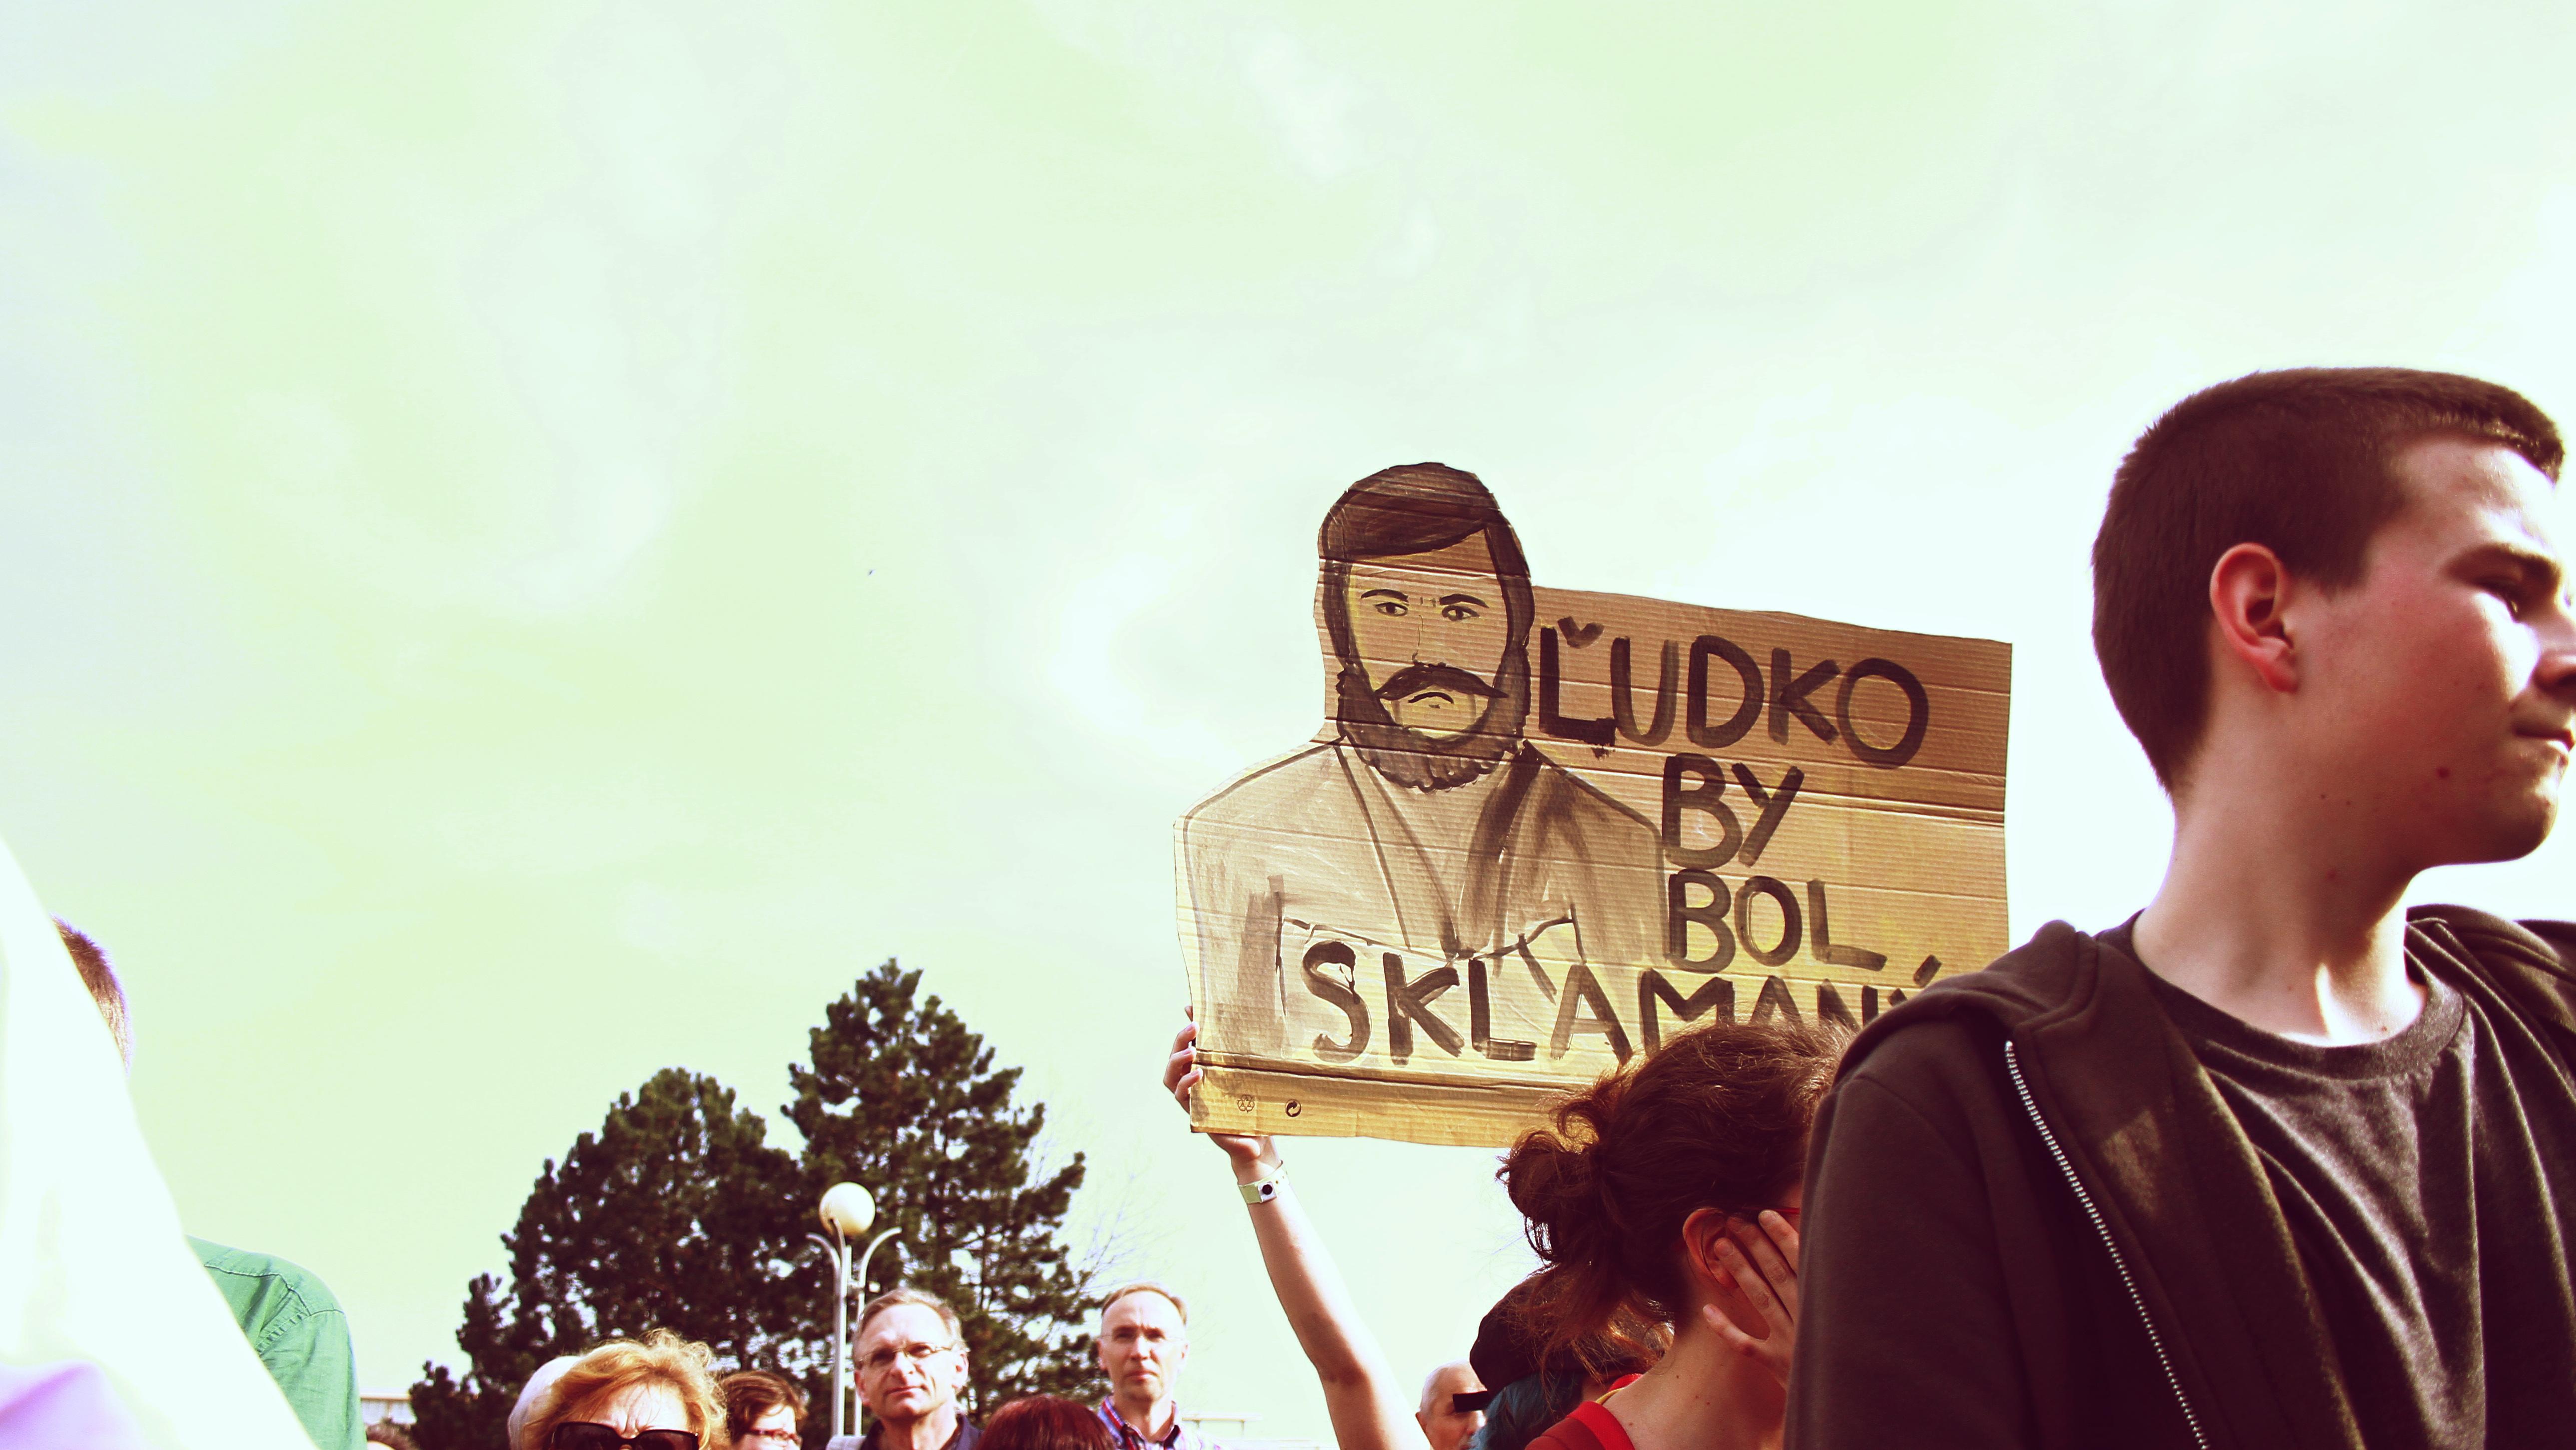 Boli sme na pochode štrajkujúcich učiteľov